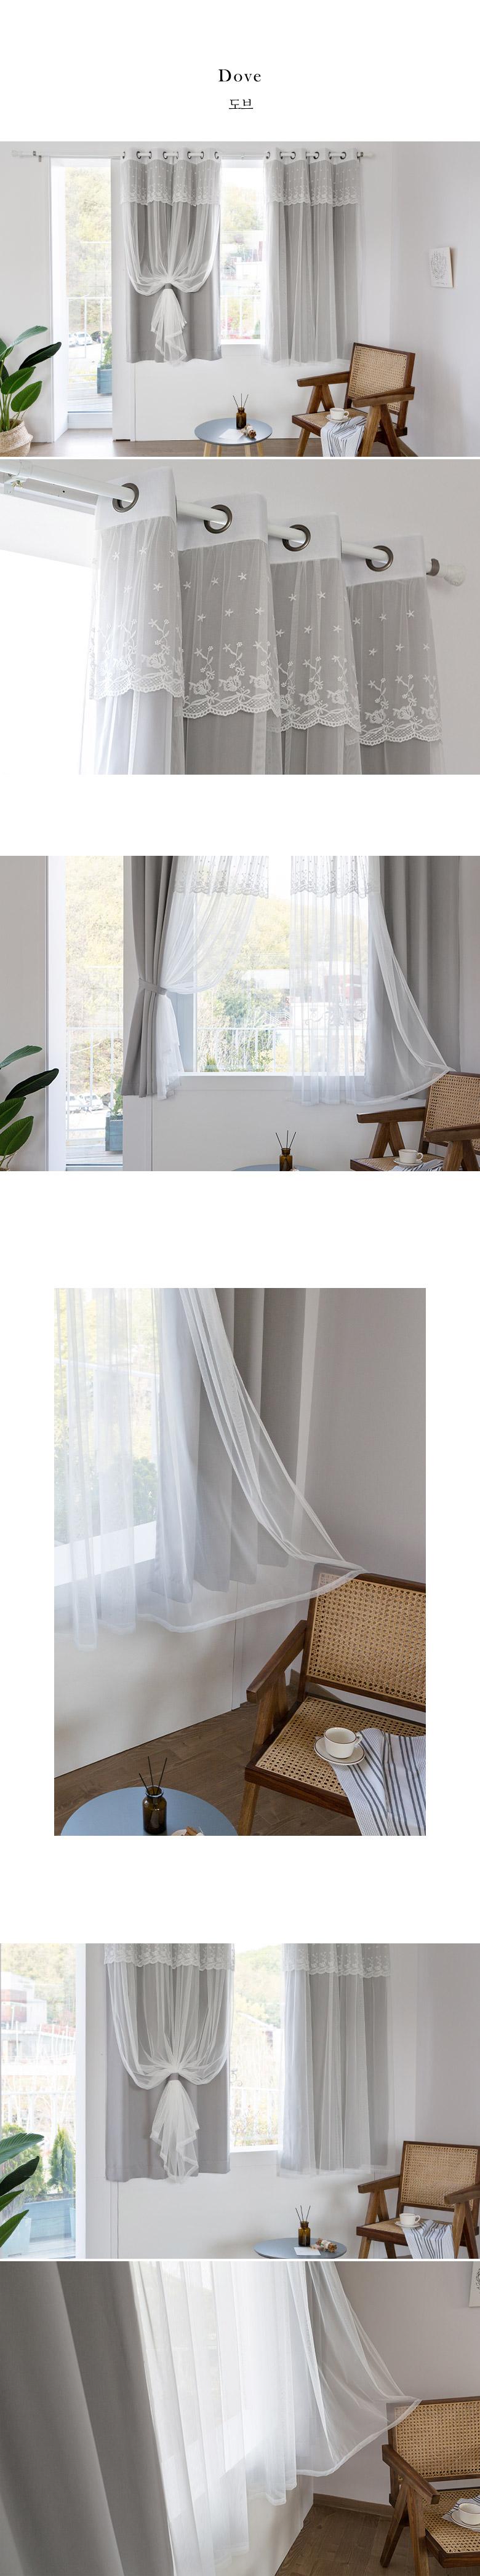 BHF 디망쉬 암막+레이스커튼 창문 4장세트 - 비에이치에프, 41,900원, 암막커튼, 무지/솔리드